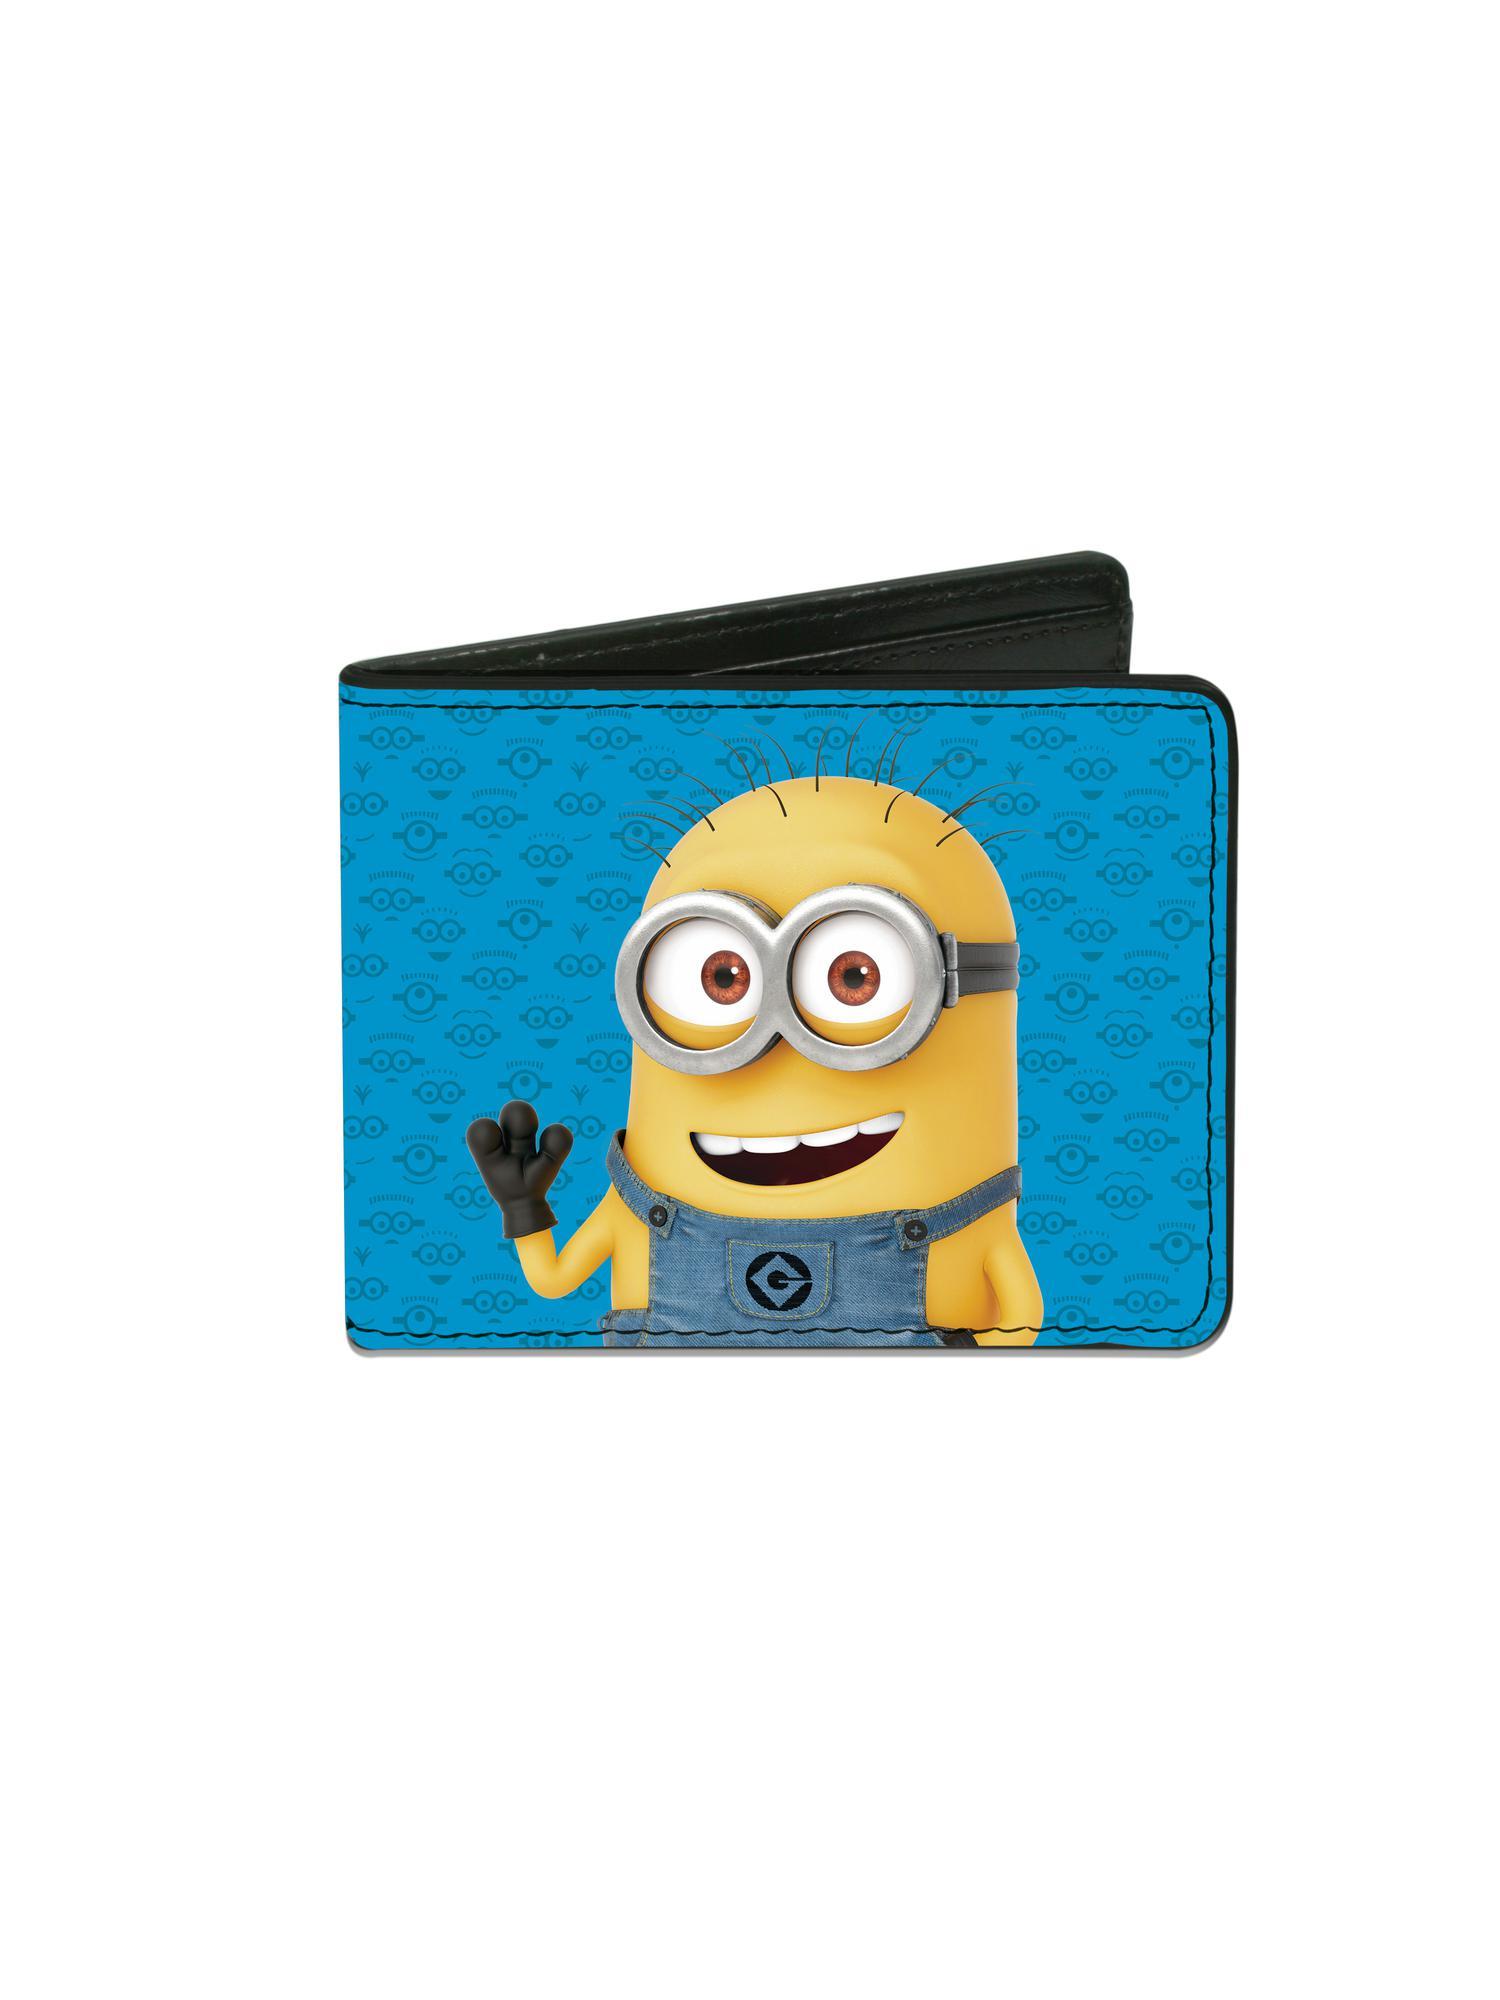 Buckle Down Kids' Minion Billfold Wallet